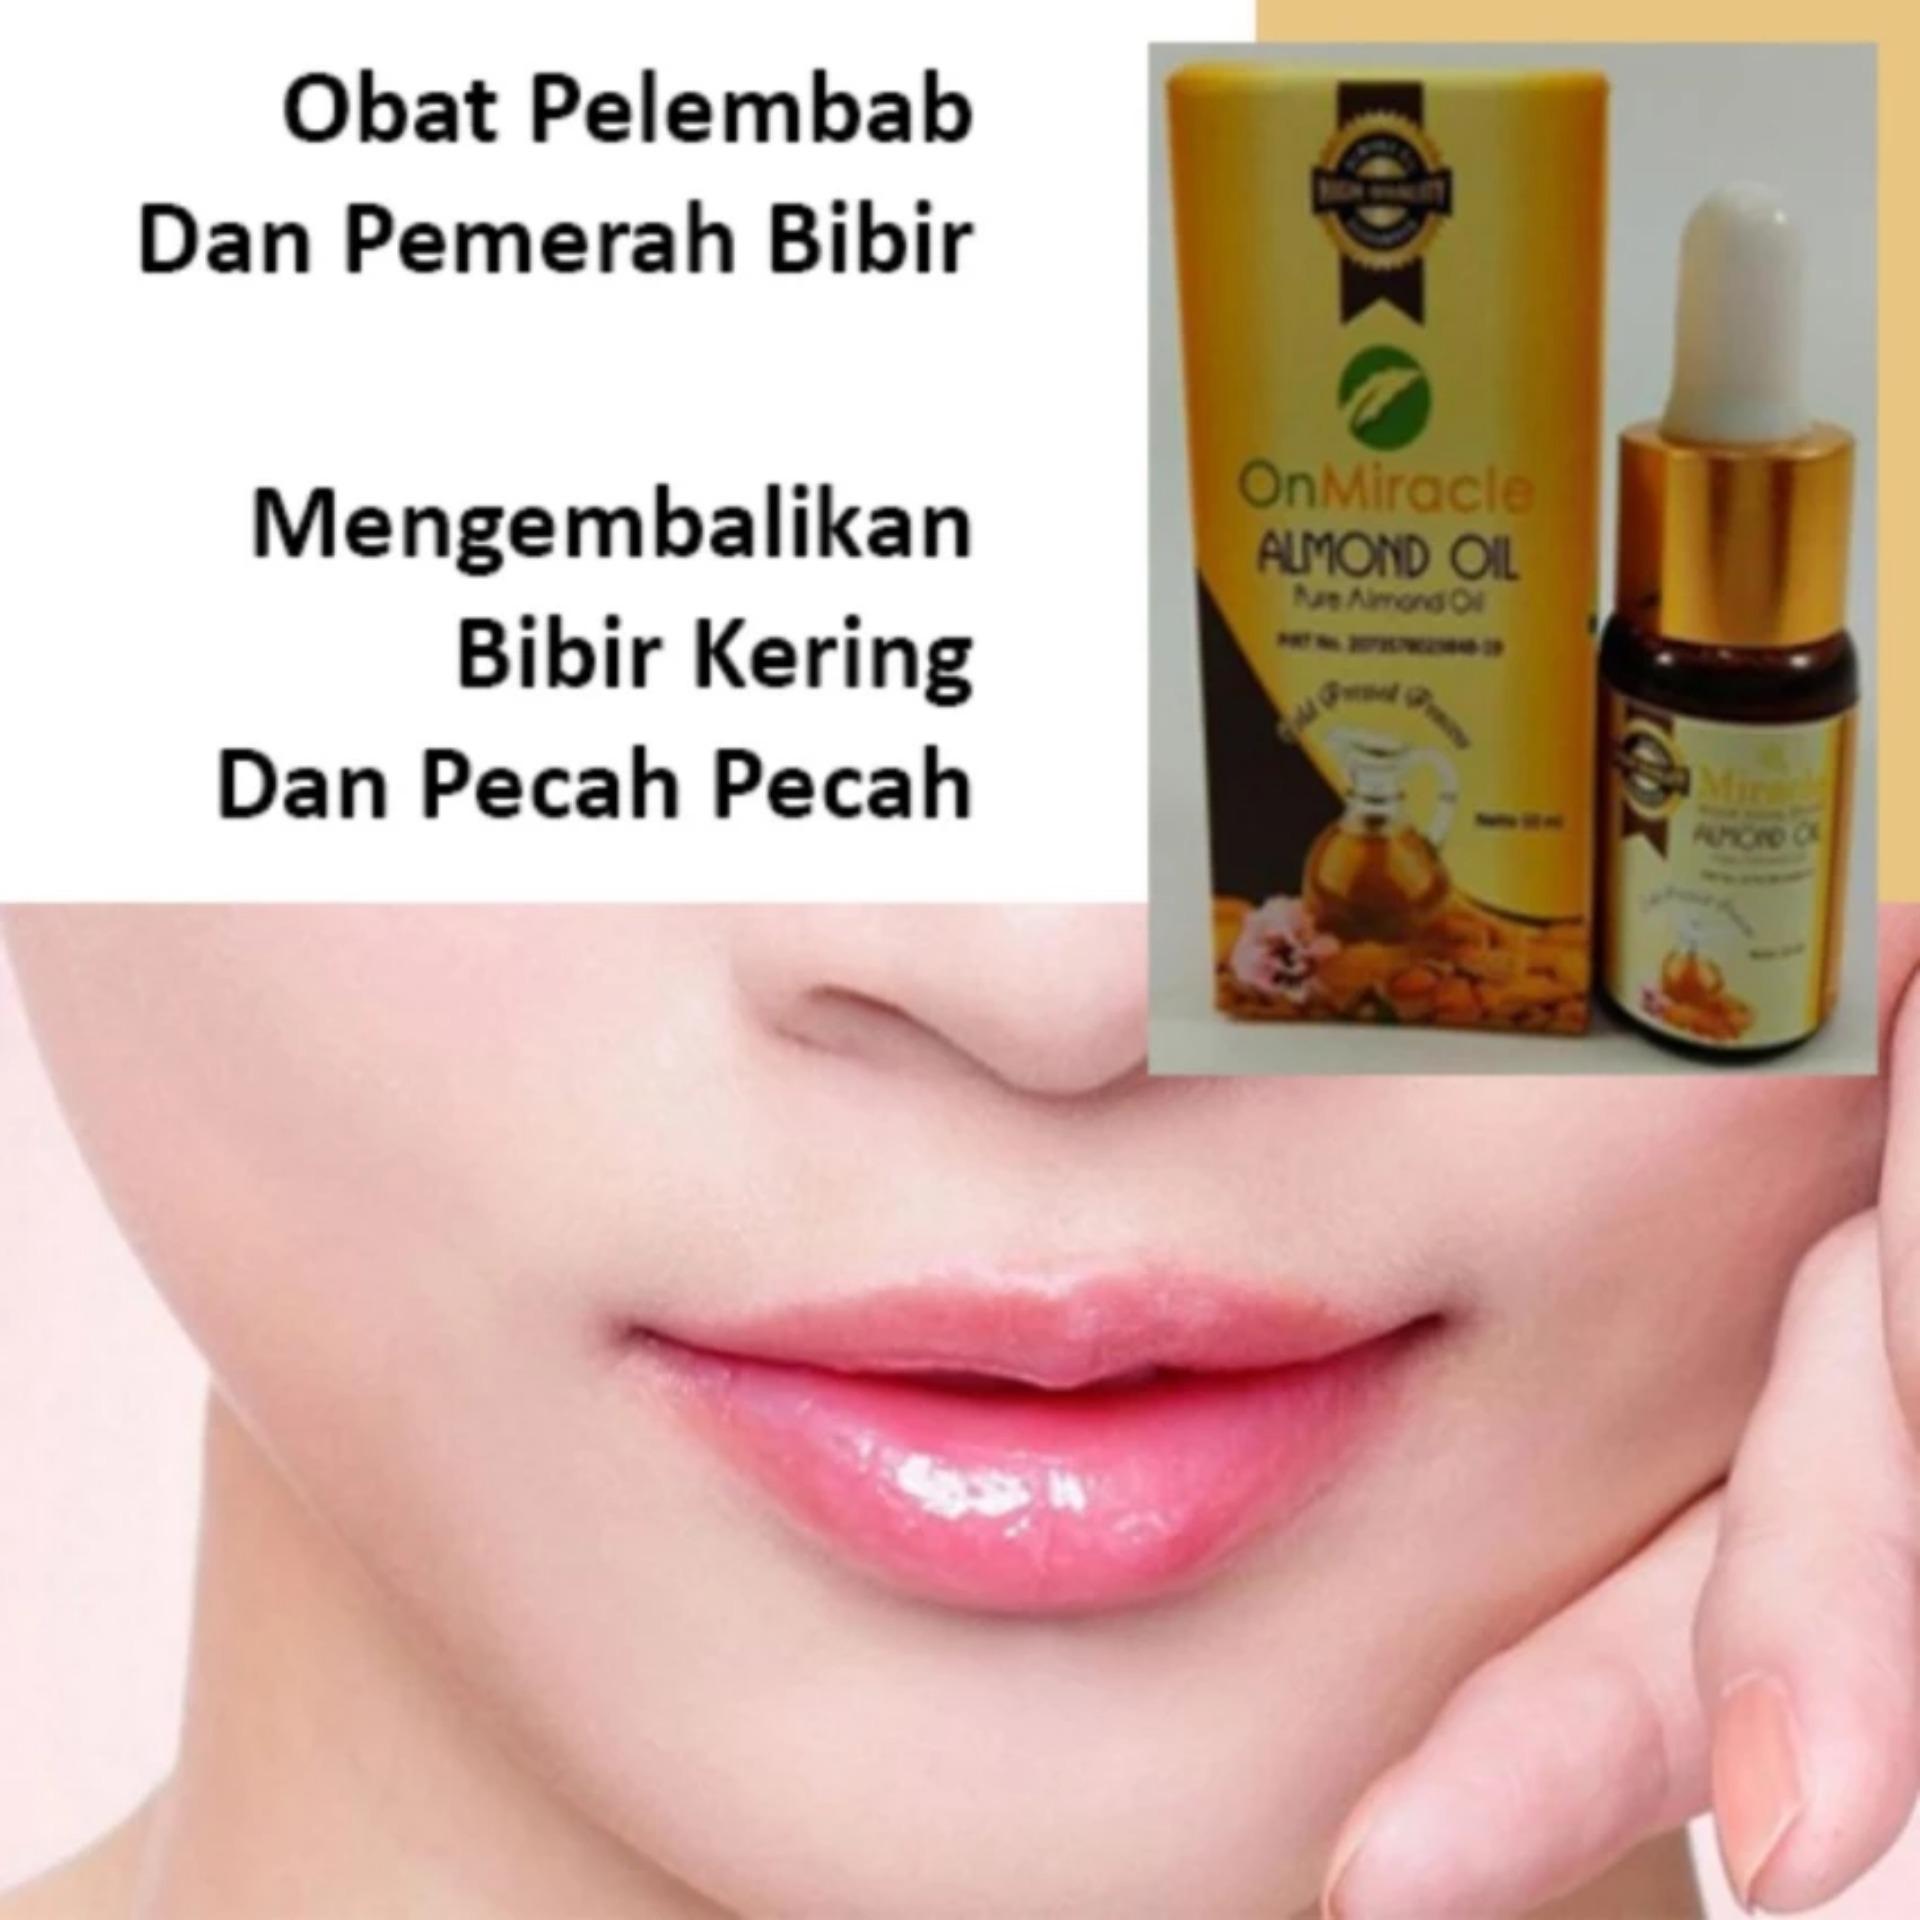 Nenhong Korea Pemerah Bibir Puting Payudara Miss V Alami 30gr Original Obat Dan Secara Cepat Natural Pink Softidr230000 Rp 230000